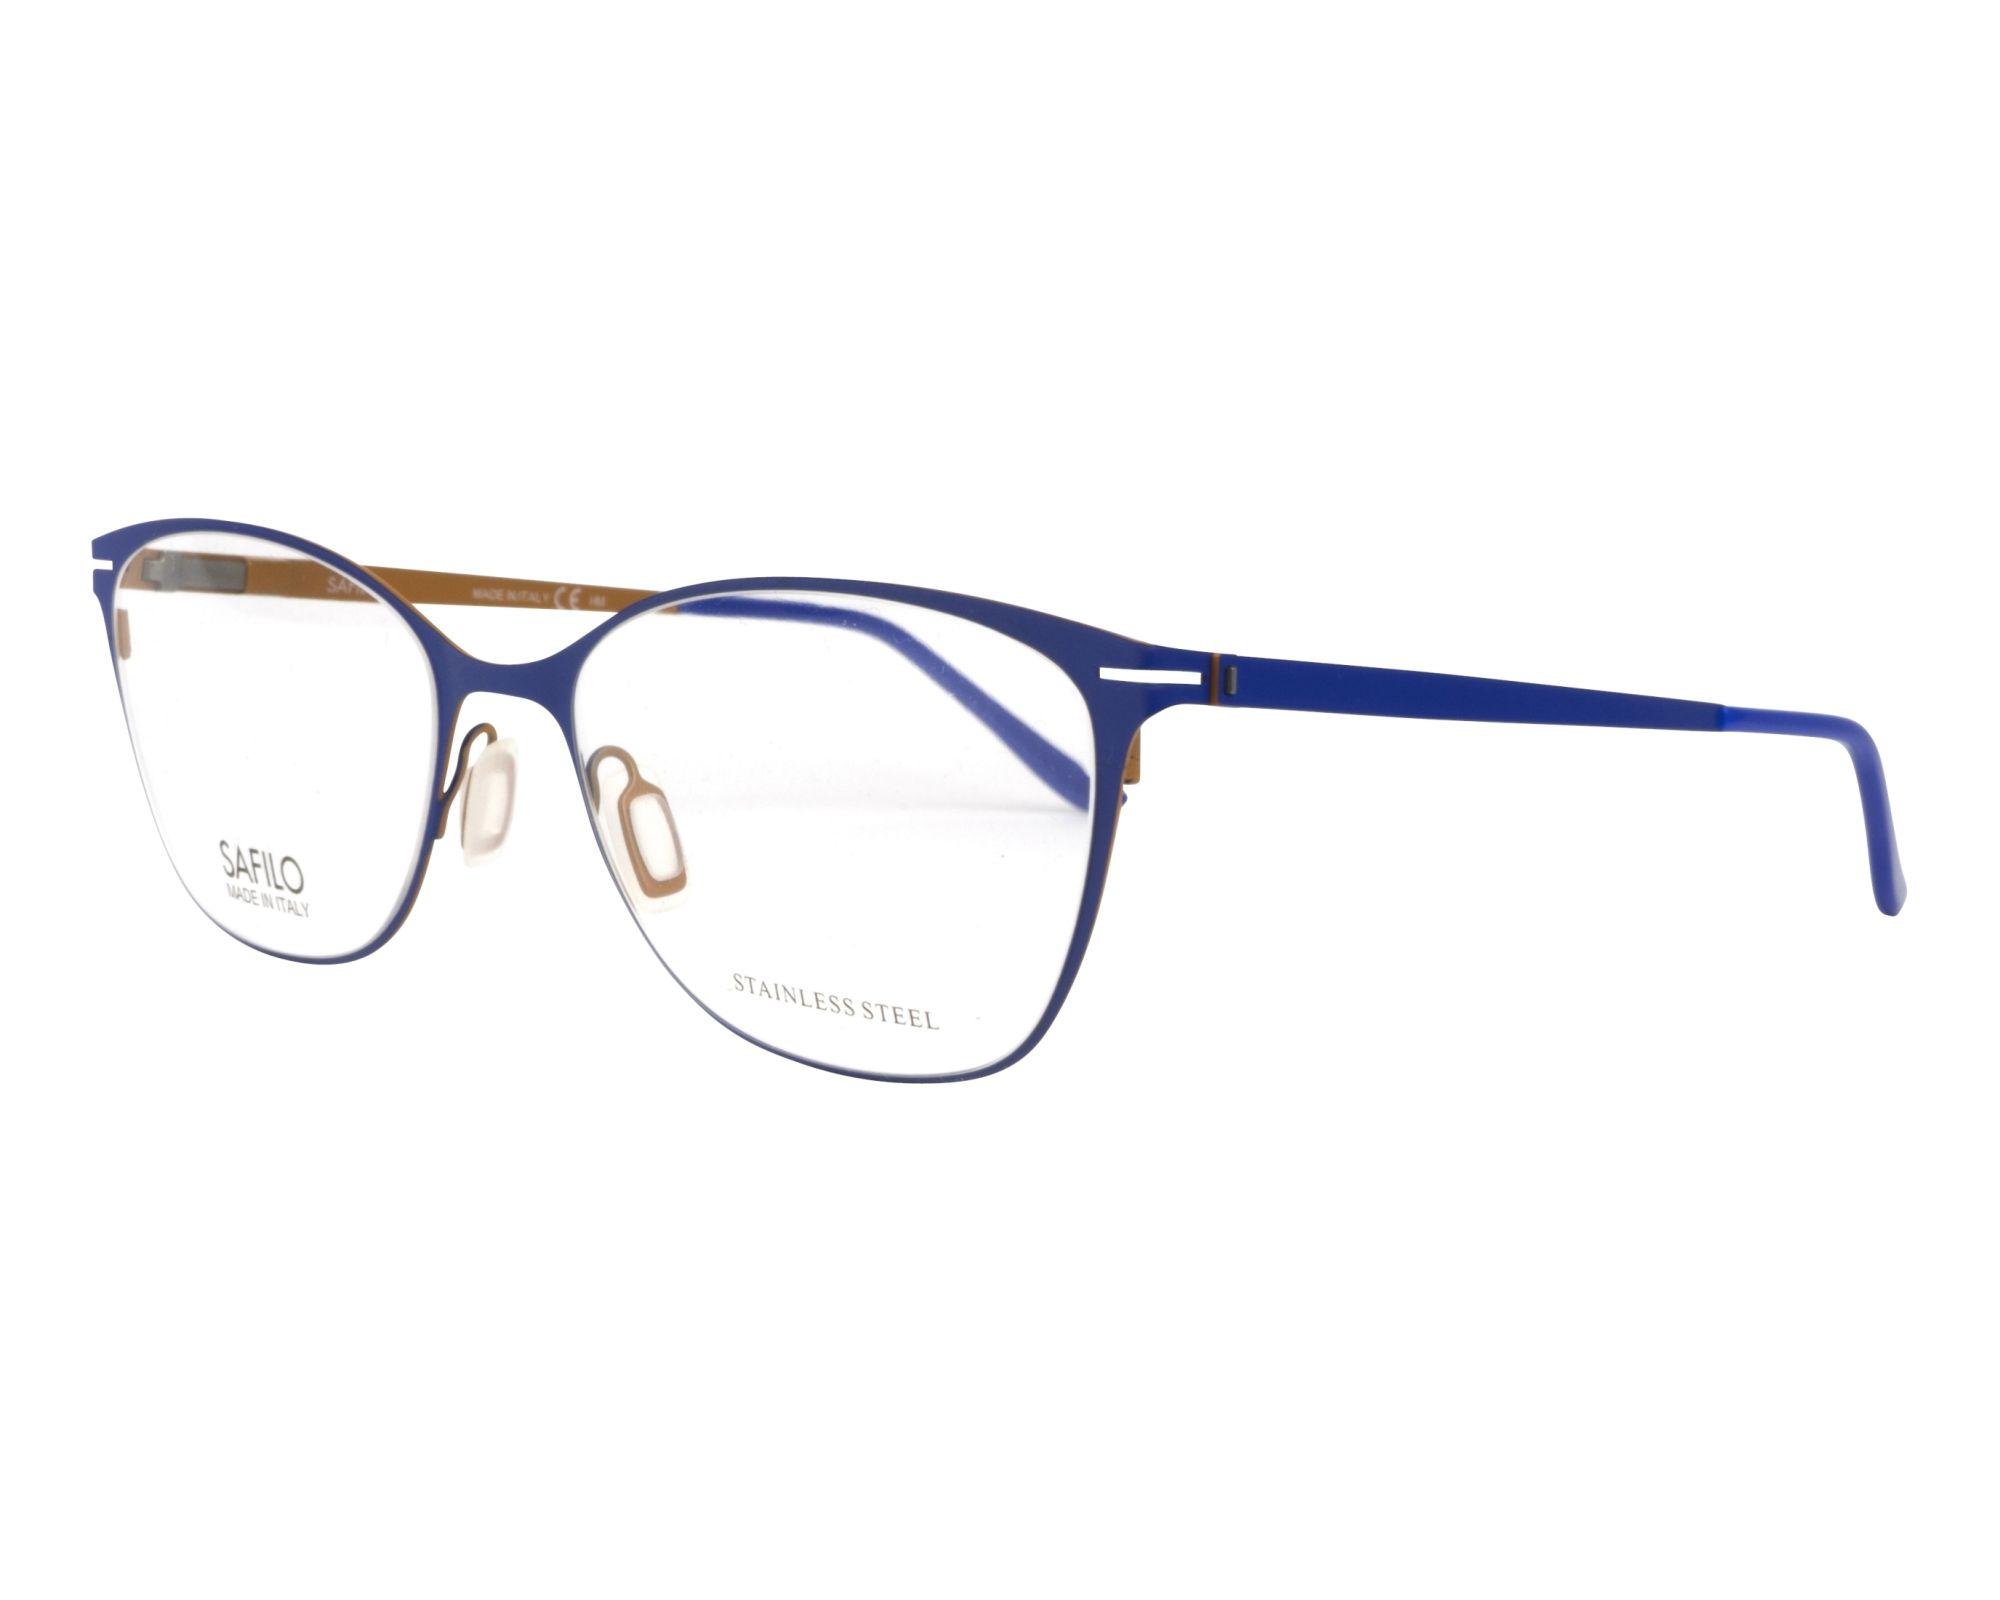 Safilo Eyeglasses Blue SA-6050 11E - Visionet US